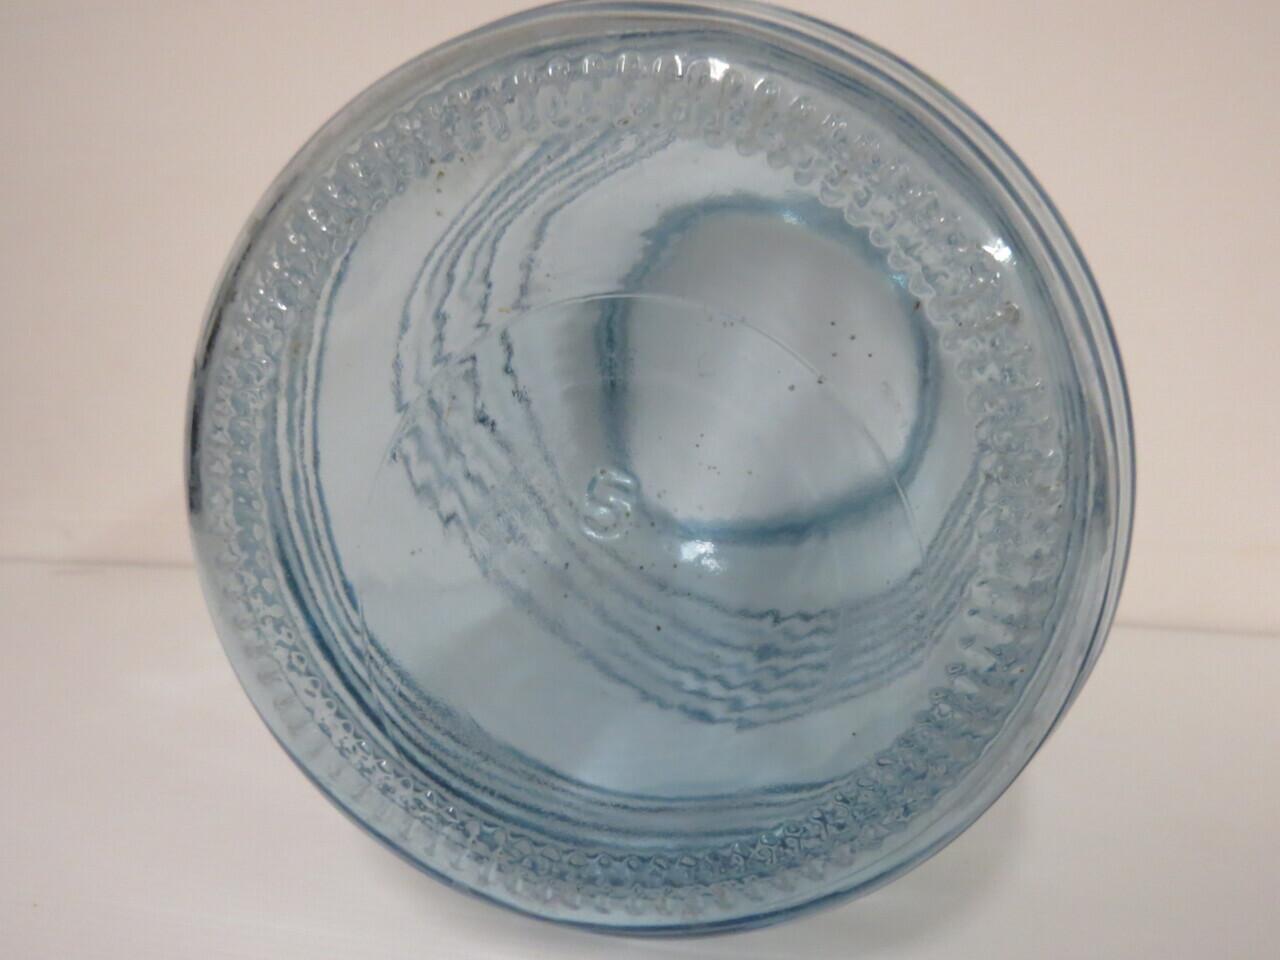 Lote: 3 - Lote: 3 - Bollon de vidrio